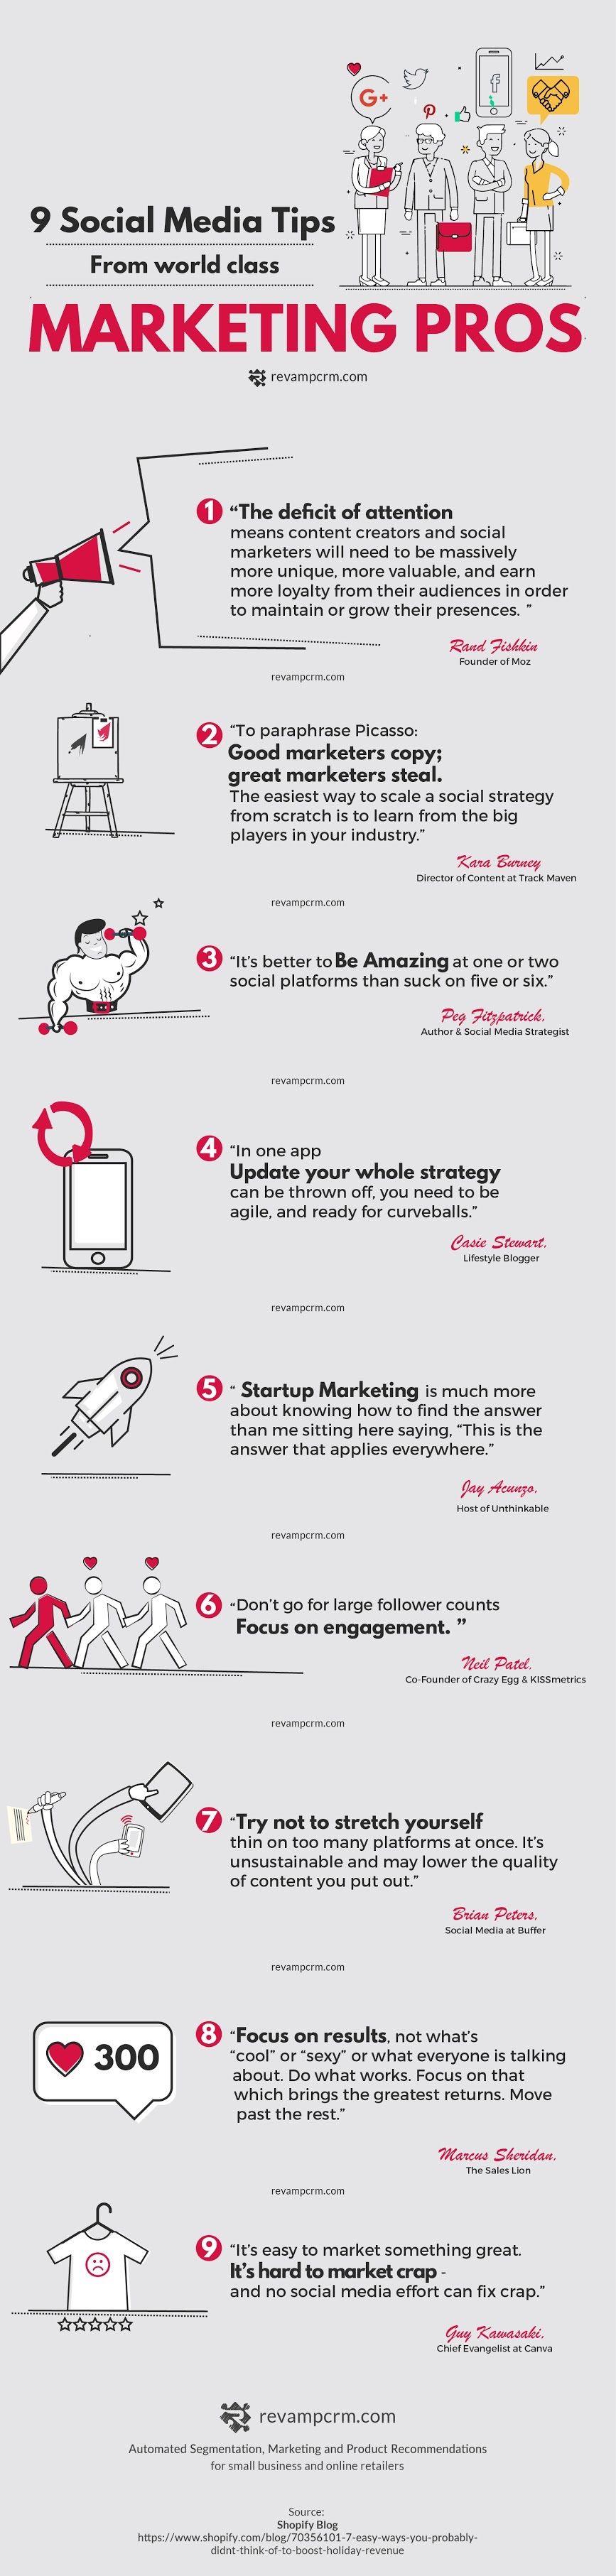 9 Social Media Tips From World Class Marketing Pros #socialmedia